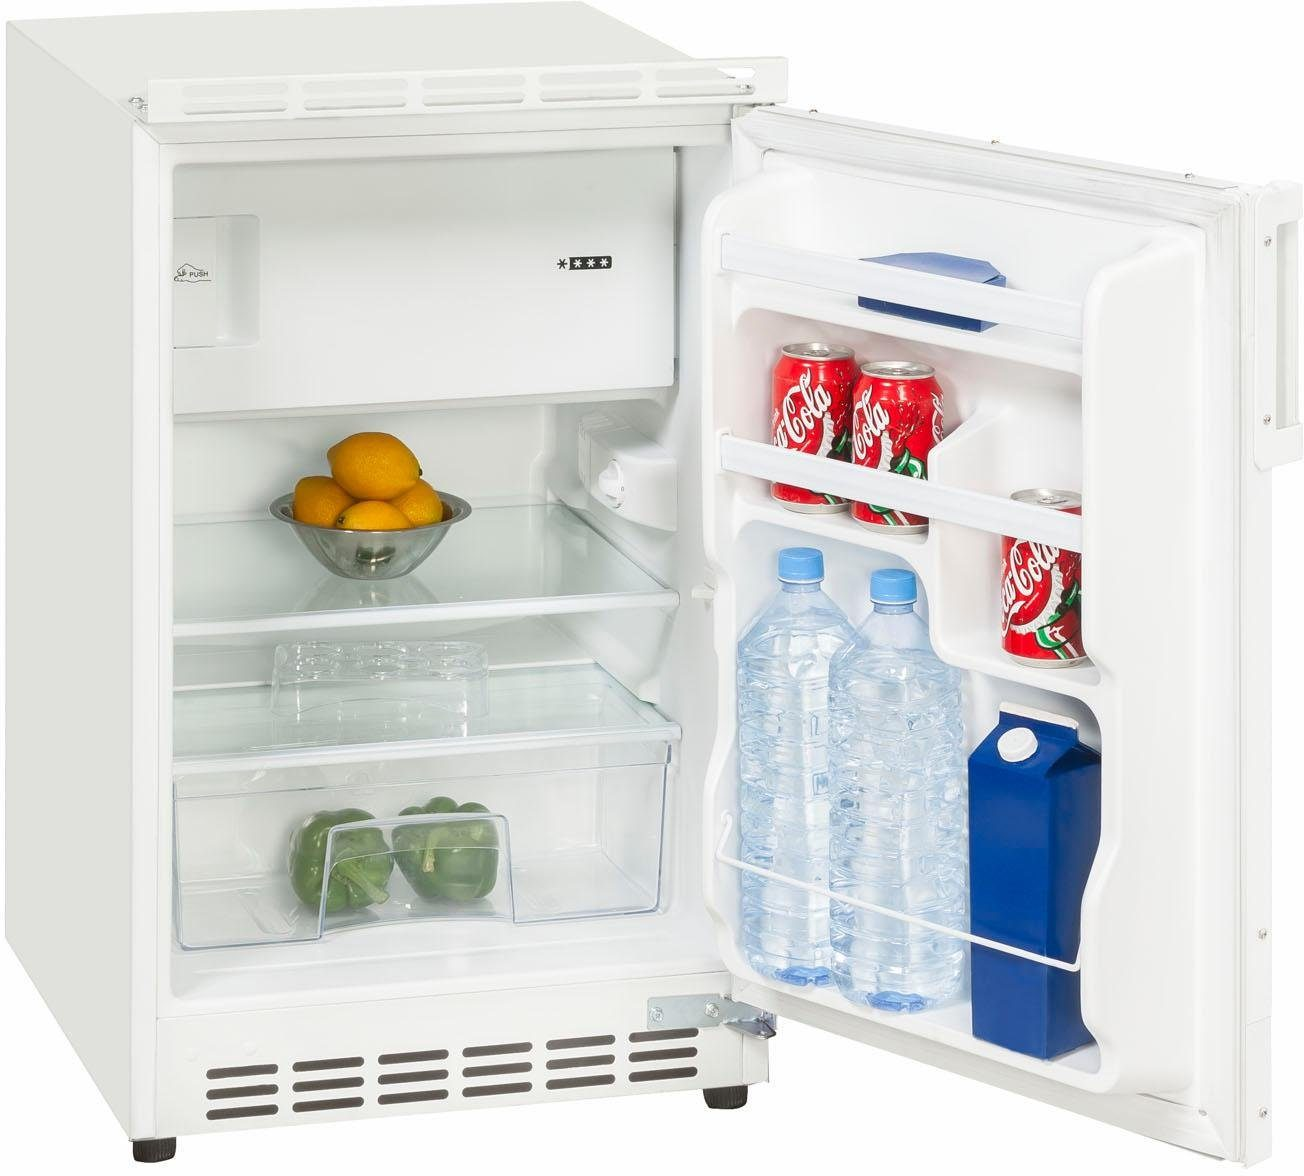 Exquisit Einbaukühlschrank UKS 115-8, 81,5 cm hoch, 49,5 cm breit, A+, dekorfähig